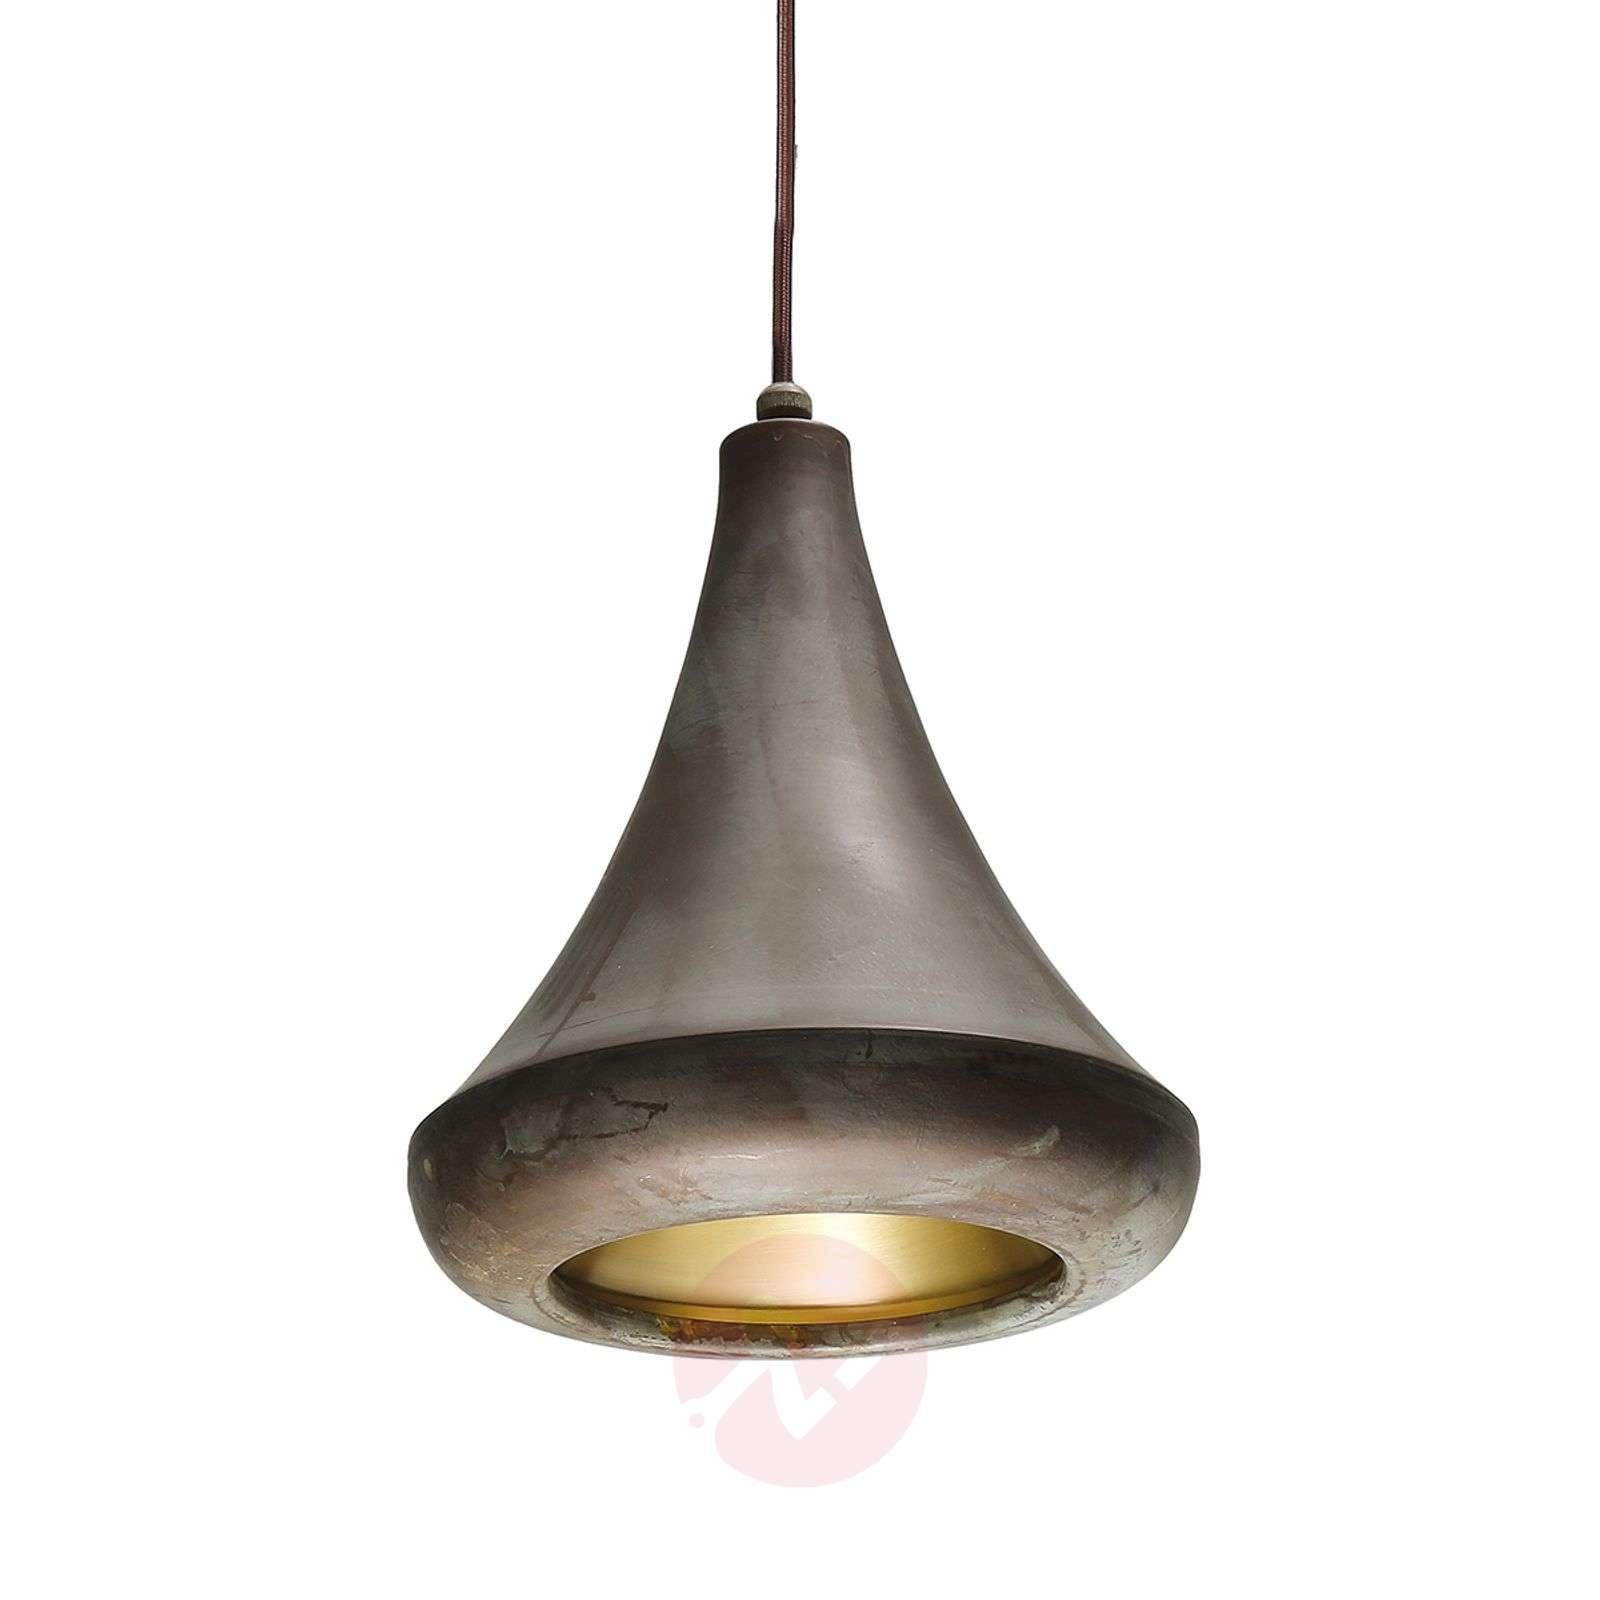 Abbe-riippuvalaisin trendikkäällä vintage-lookilla-6515314X-01